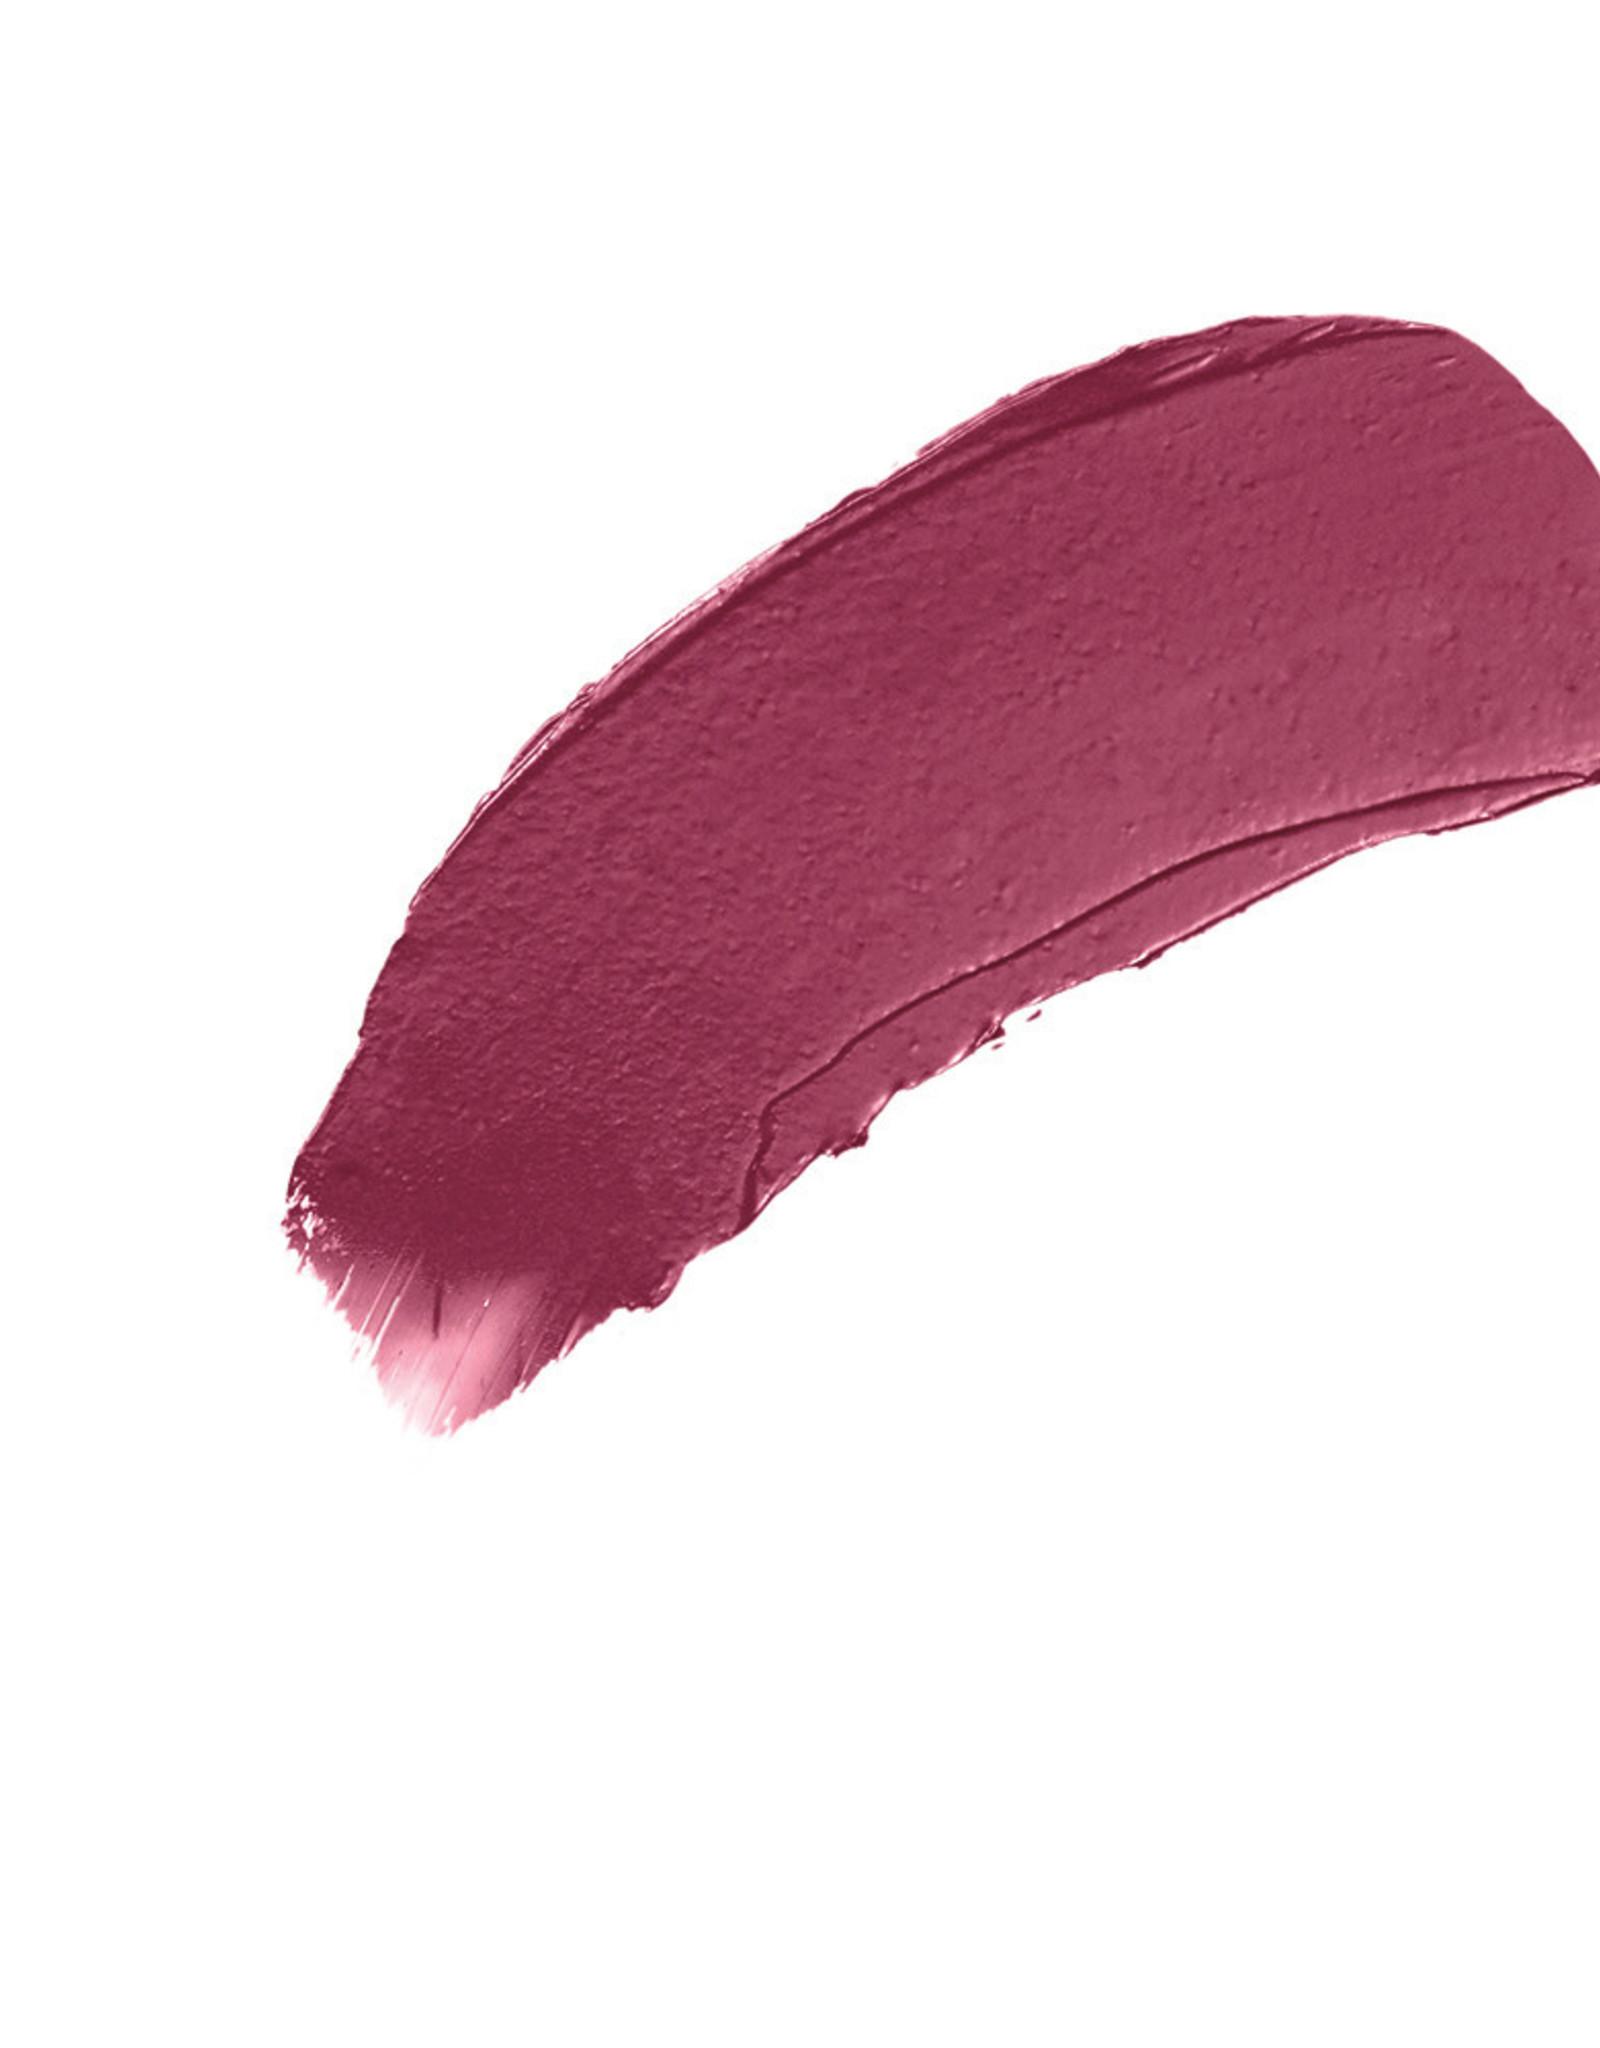 Triple luxe lipstick joanna